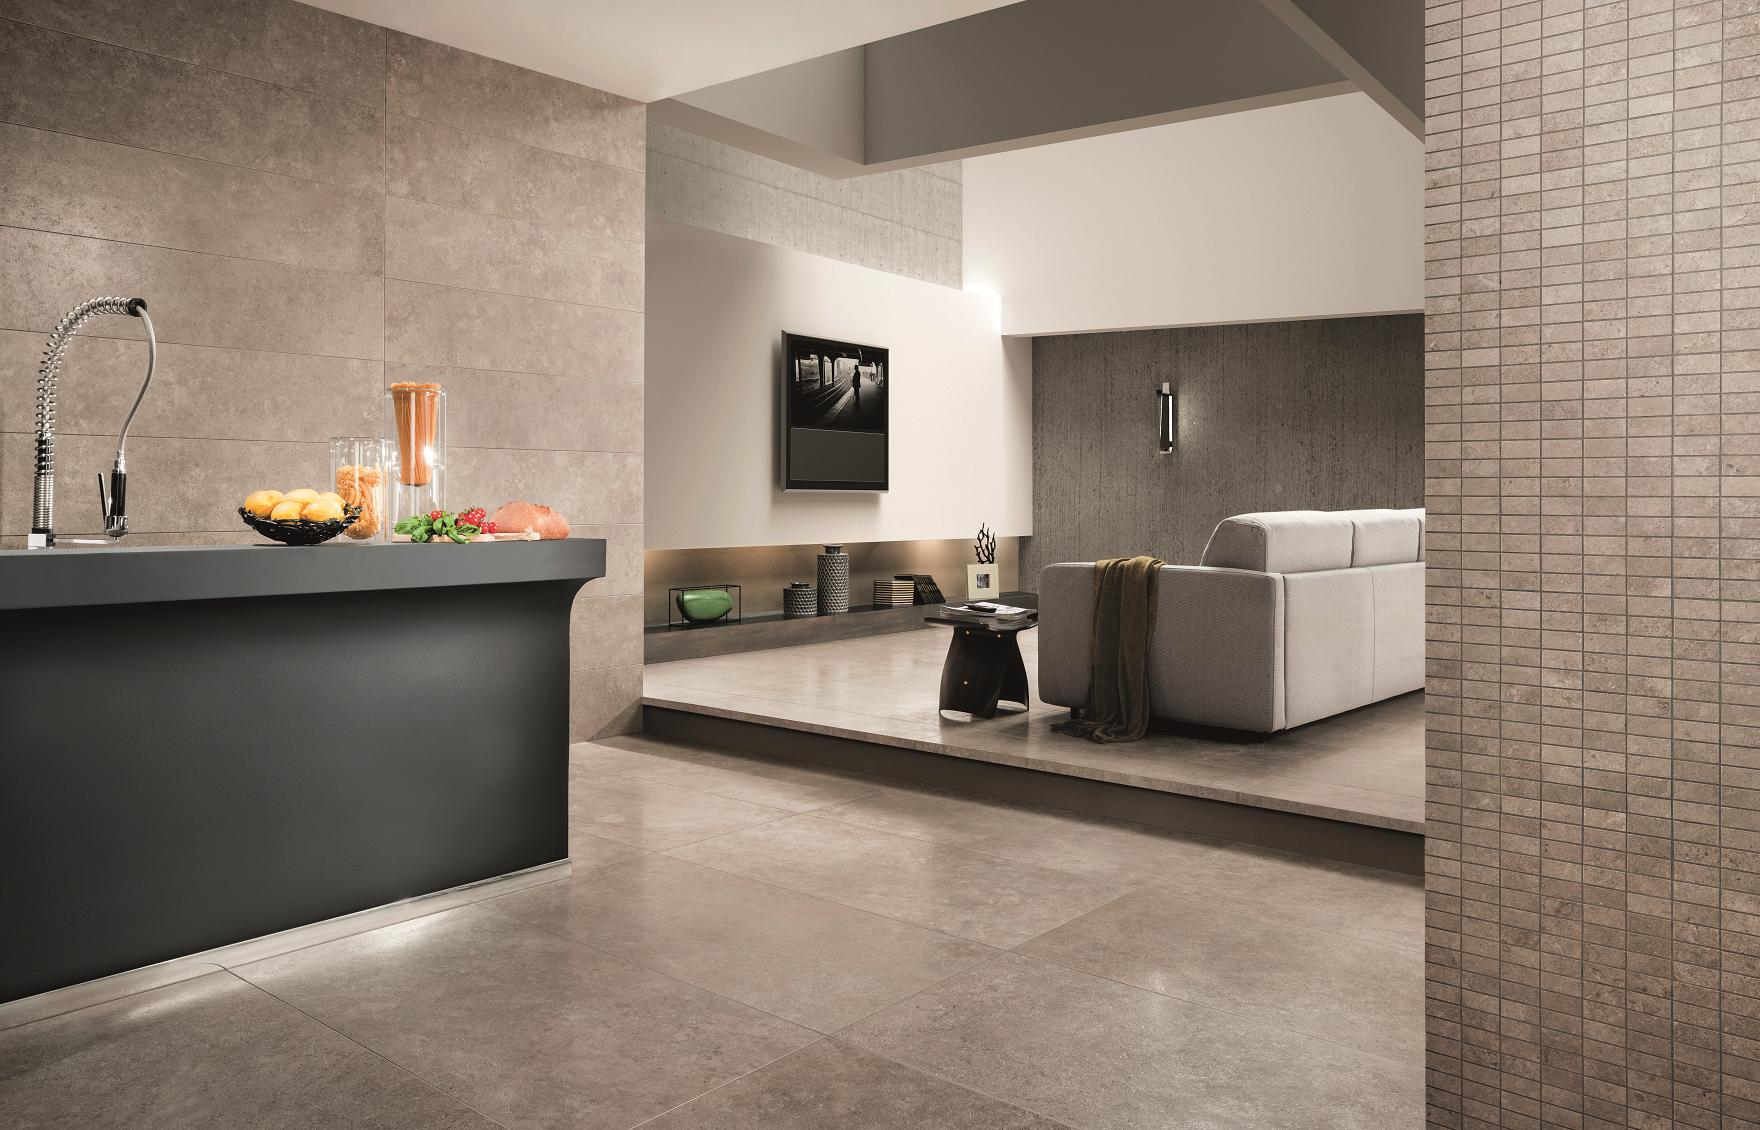 Type vloertegels keramische vloertegels tribeca 45x90 - Bruine en beige badkamer ...